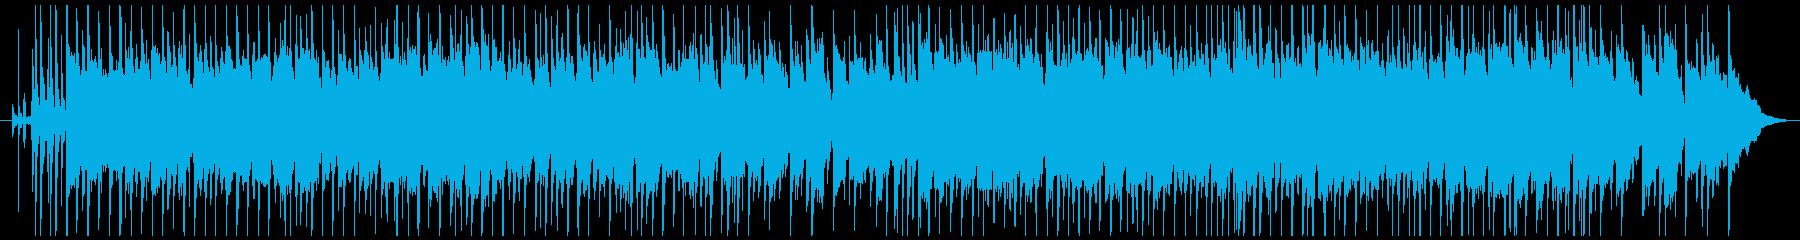 この曲は1970年代初期のソフトロ...の再生済みの波形